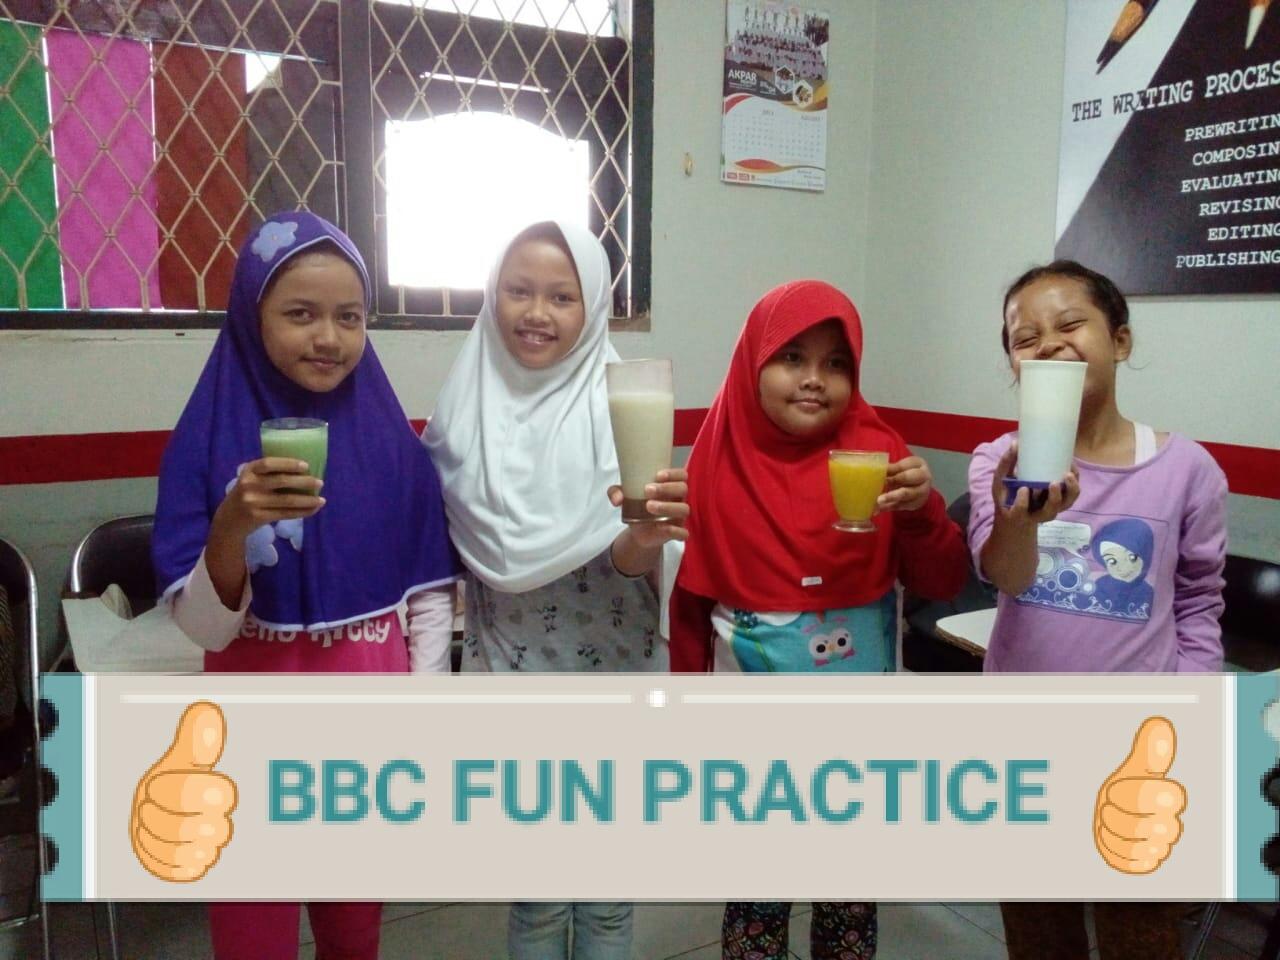 BBC Fun Practice